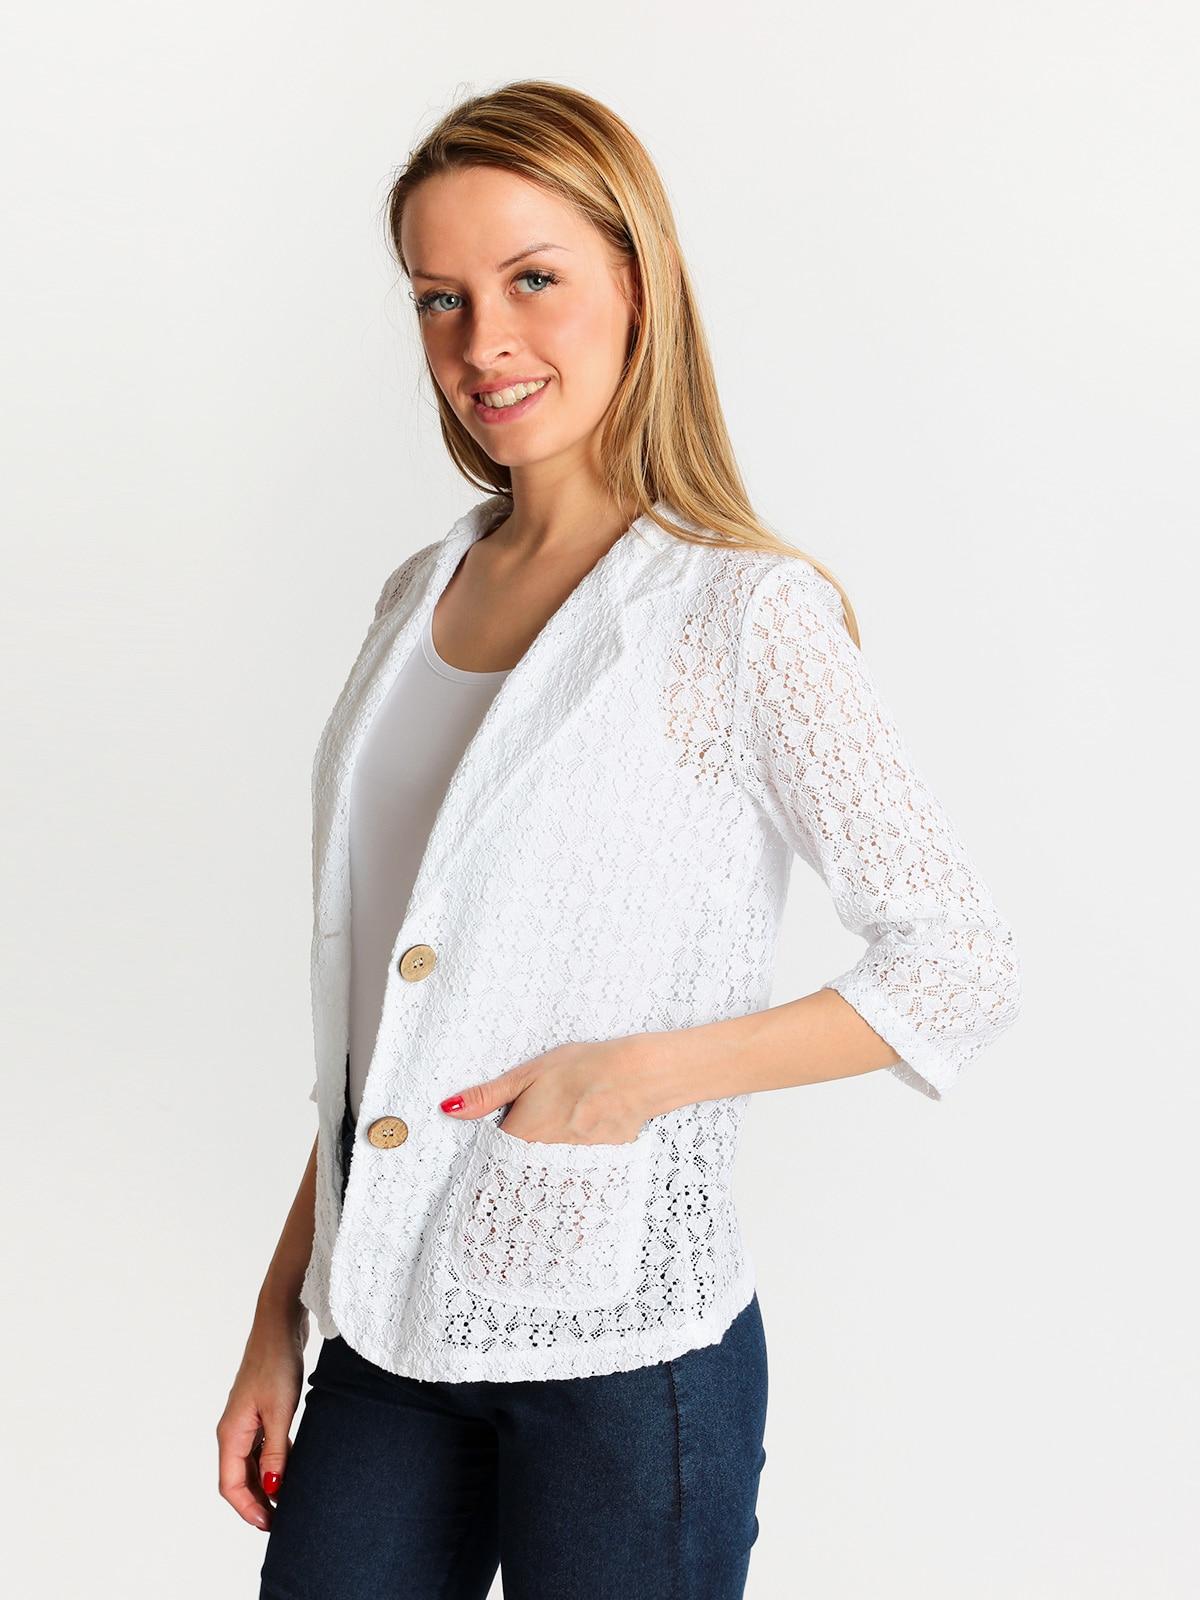 SOLADA Jacket Lace Openwork